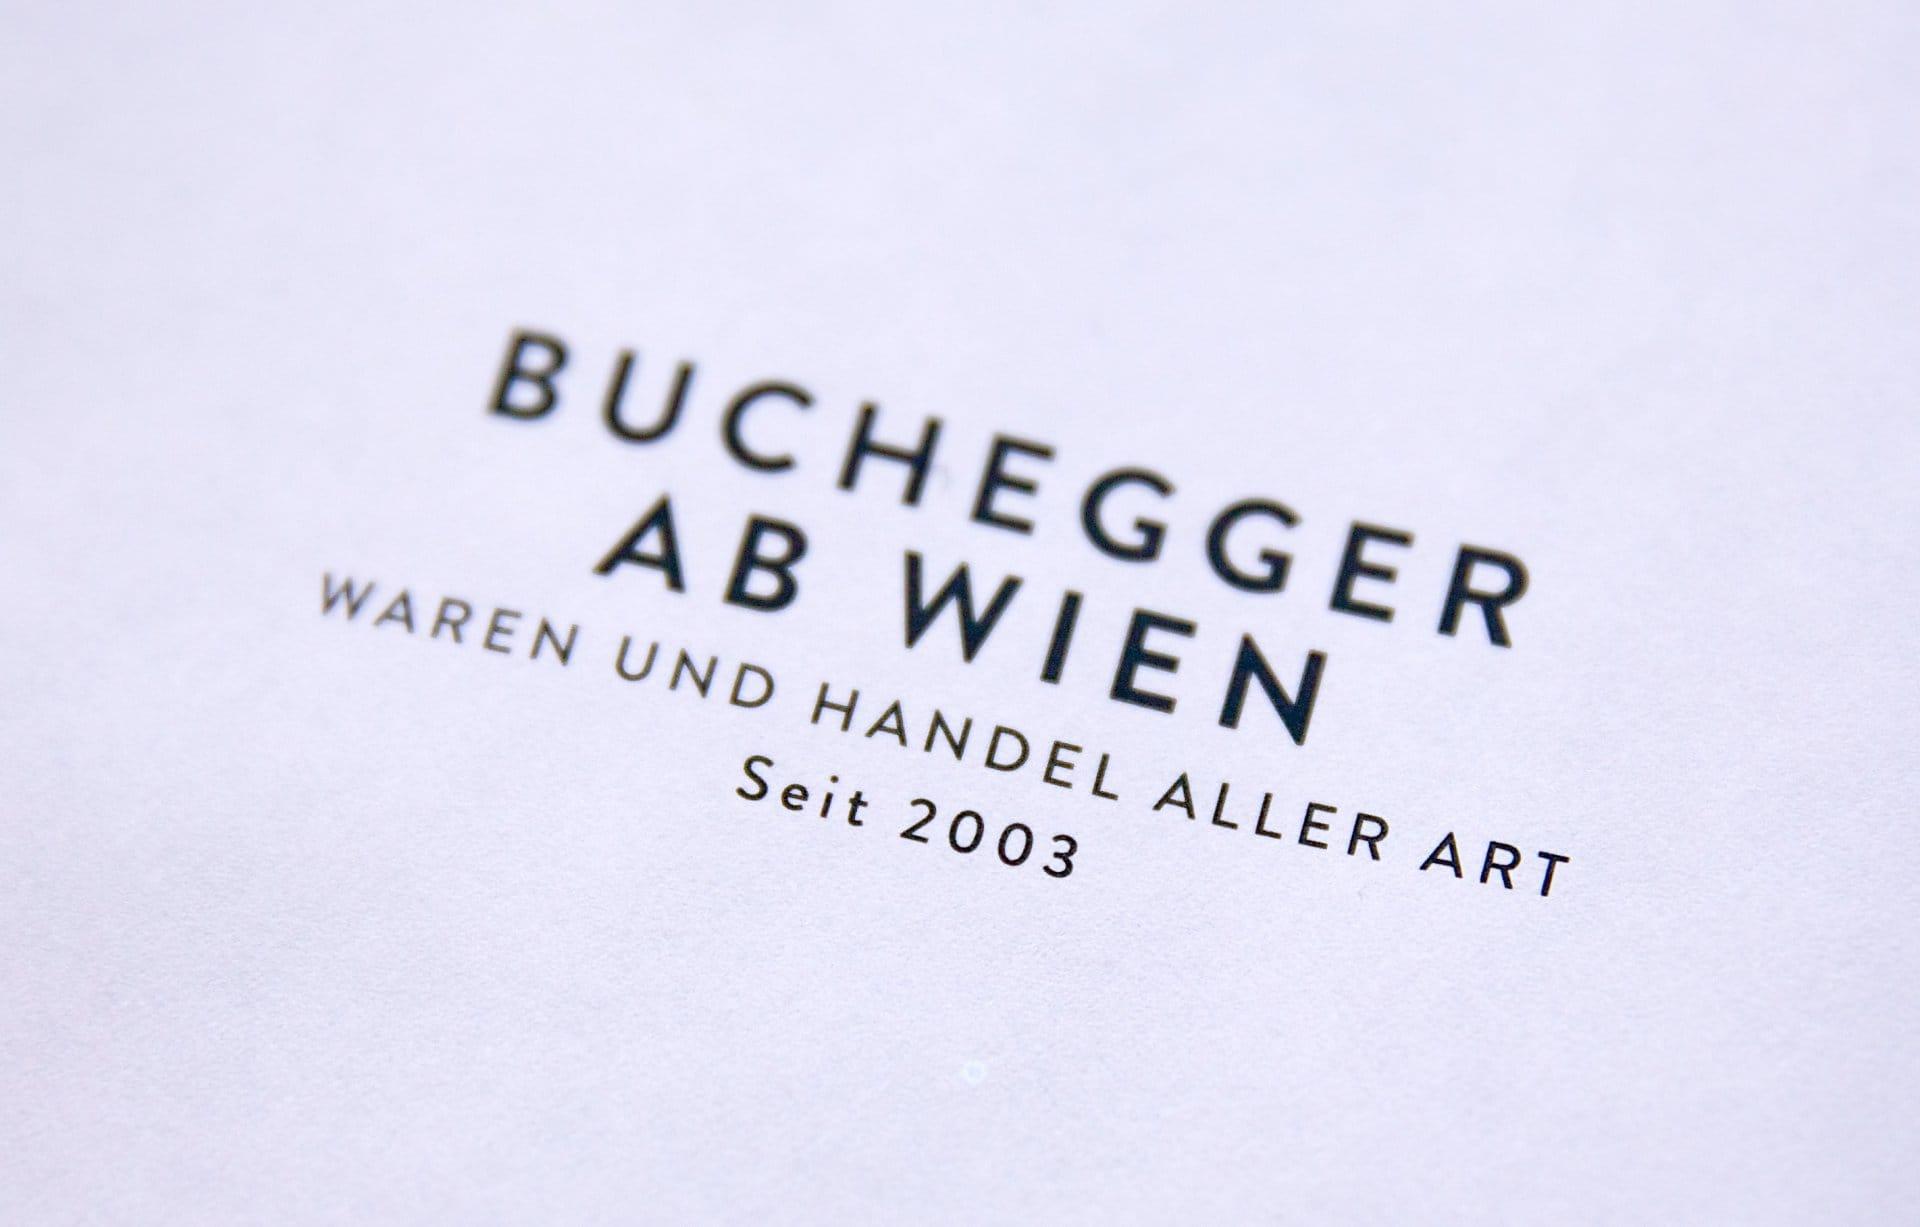 2013 buchegger rosadoppler 3